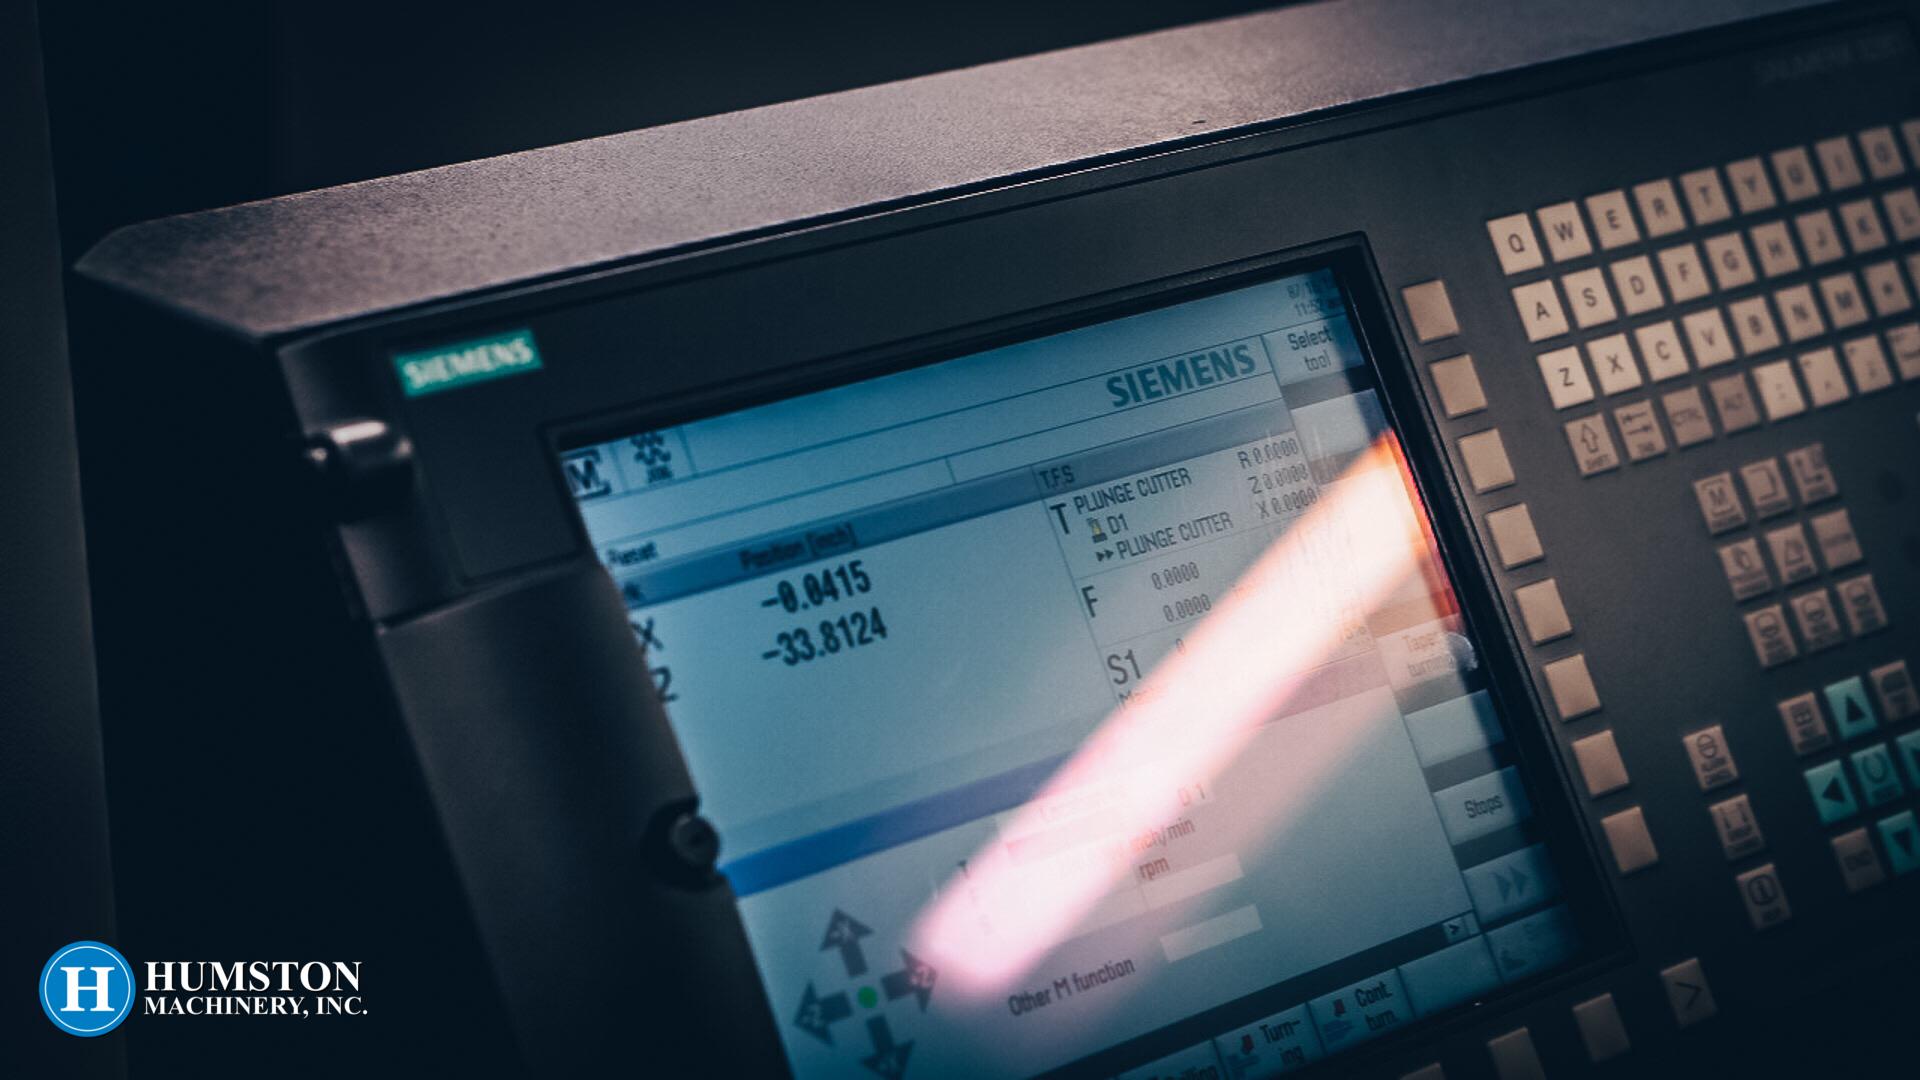 Fryer / Siemens Control | Hurco | Dorner | Machine Tool